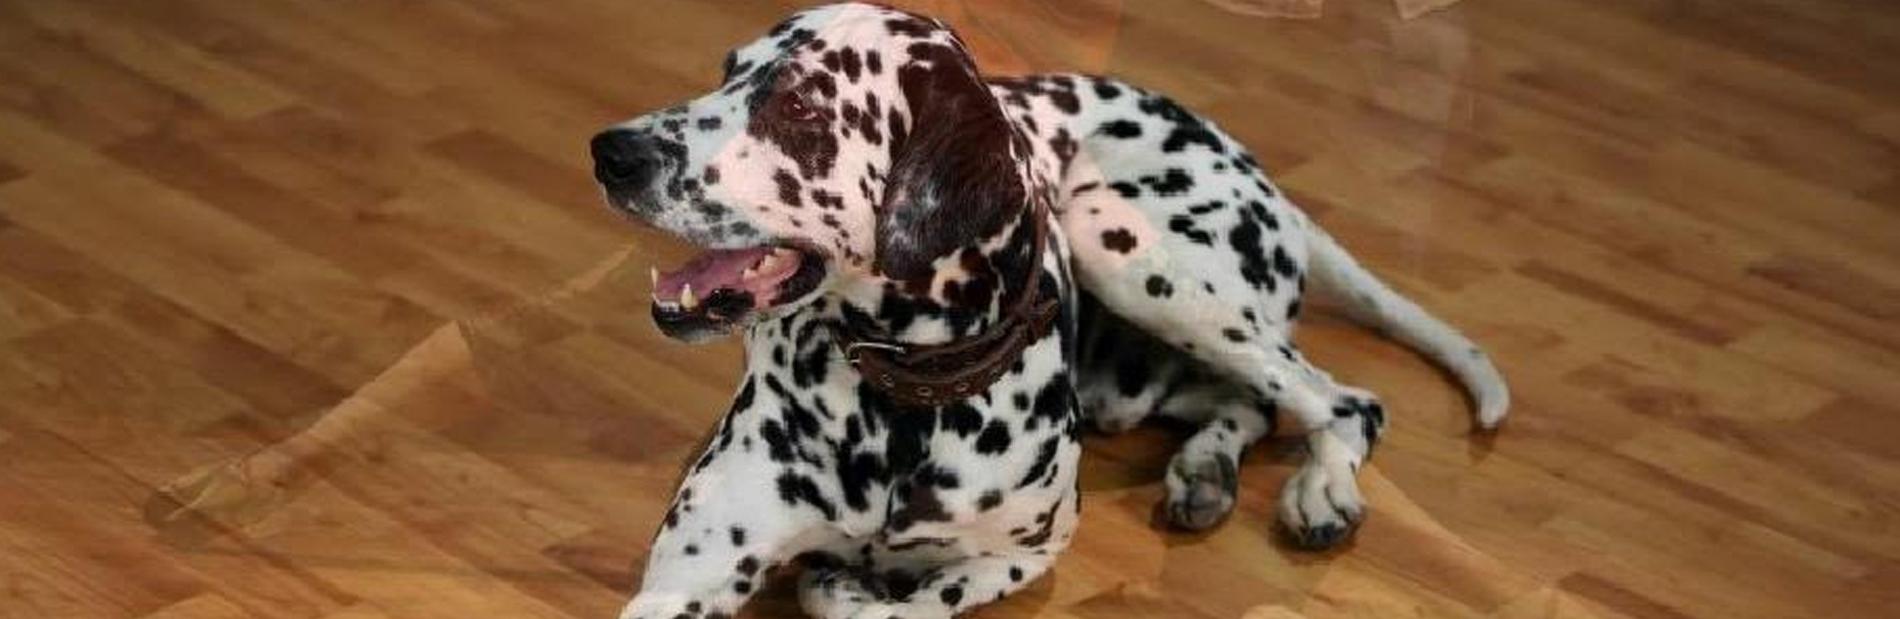 כלב דלמטי יושב על רצפת פרקט